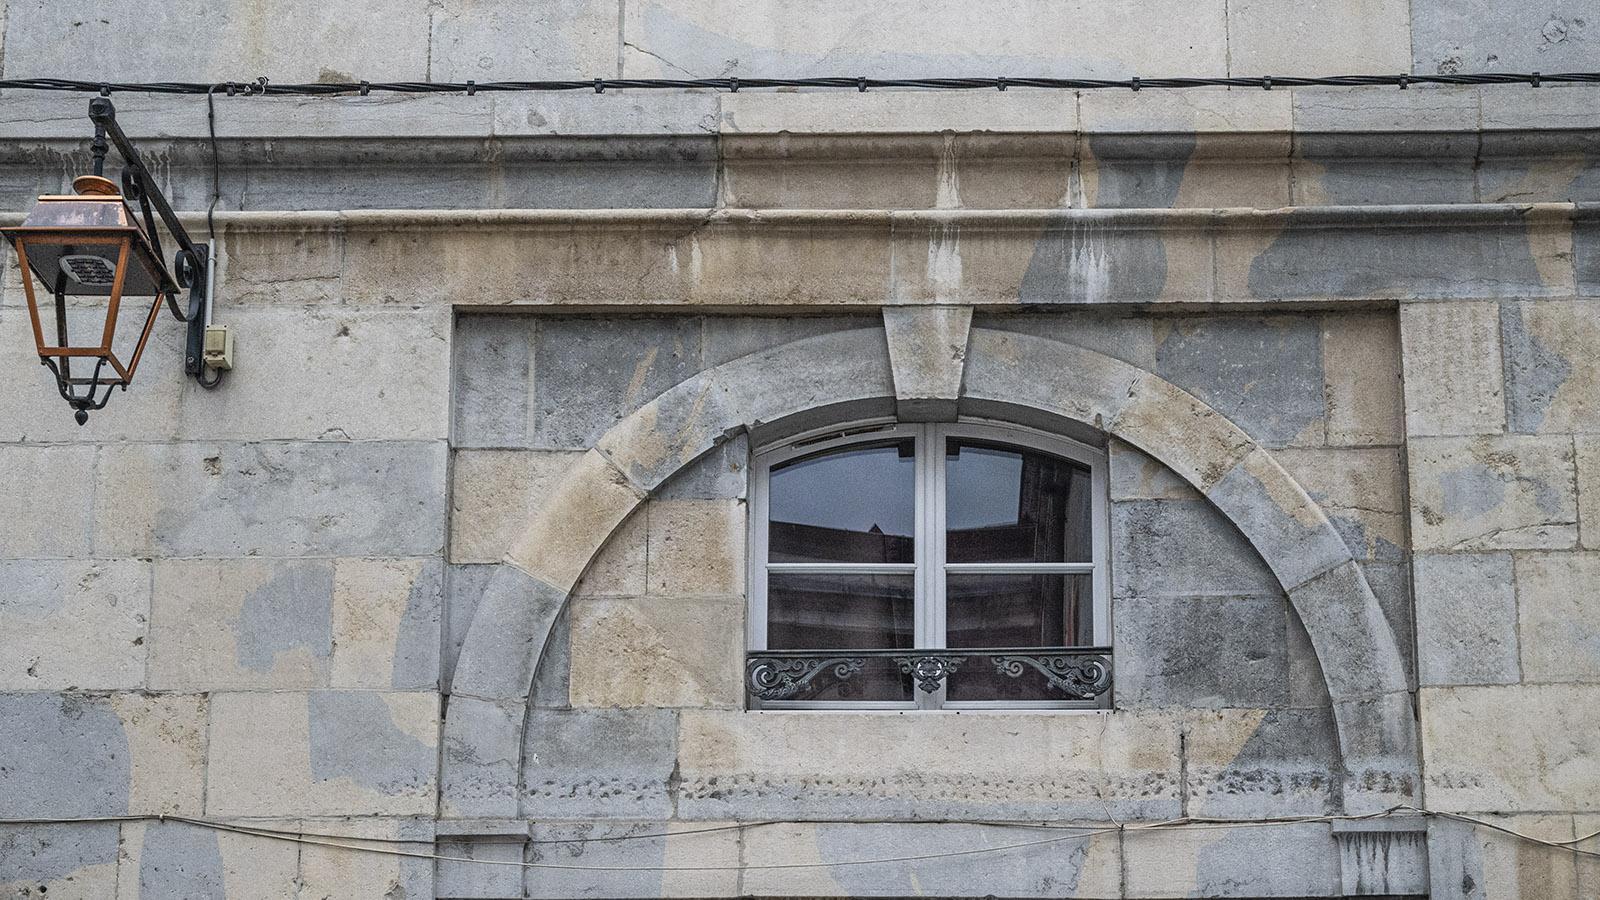 Blaue und weiße Steine prägen die Fassaden in Besançon. Foto: Hilke Maunder